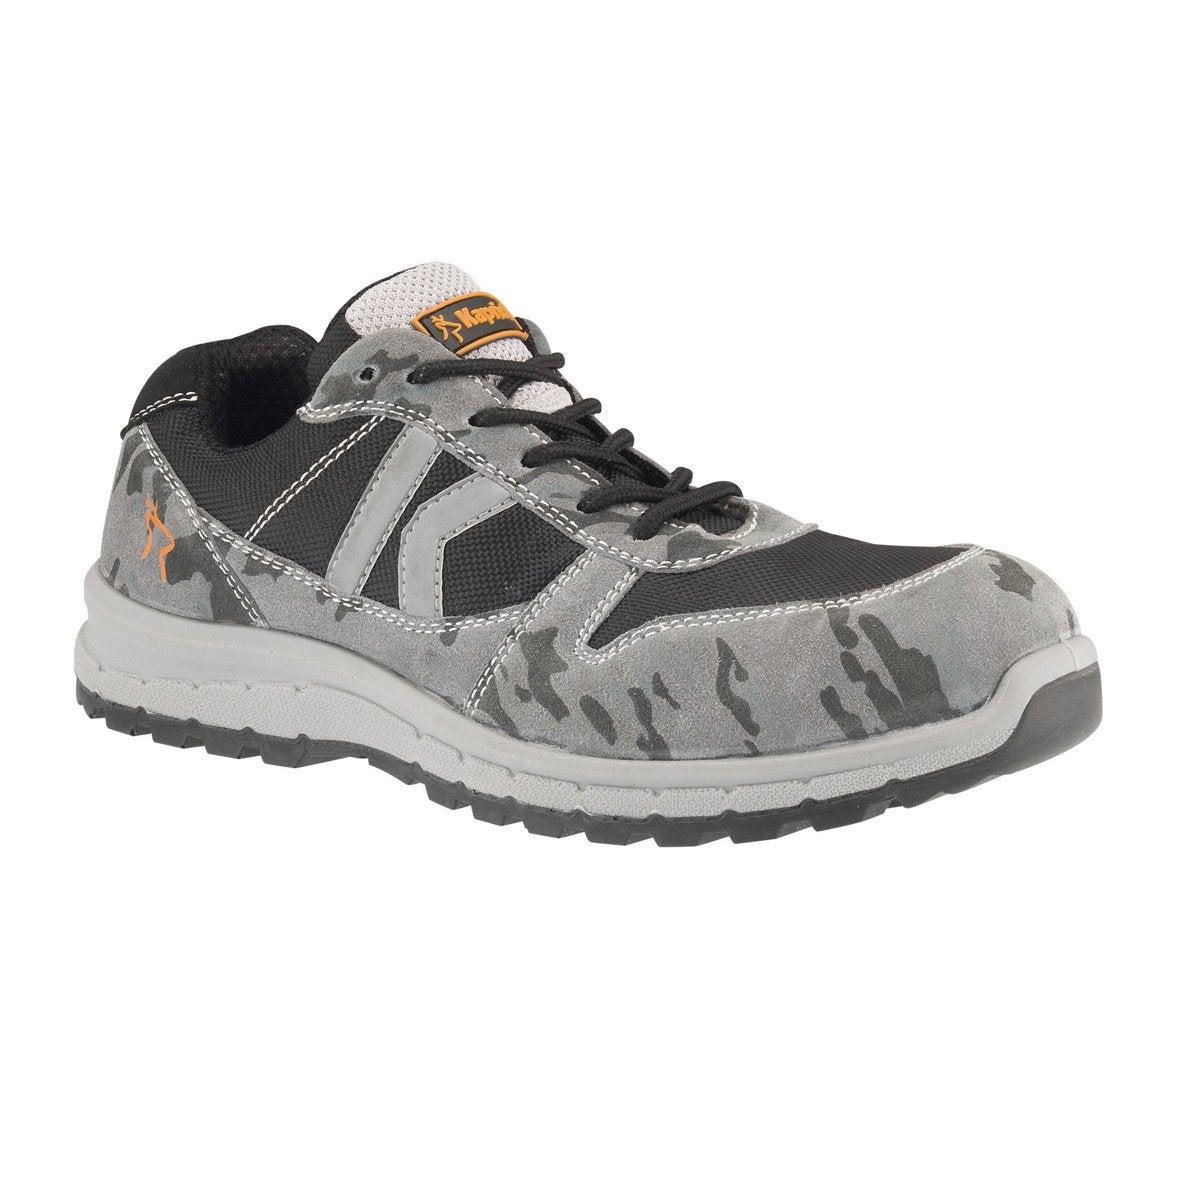 sécurité T44 de basses Derbycoloris camouflage KAPRIOL Chaussures DHWE9YI2